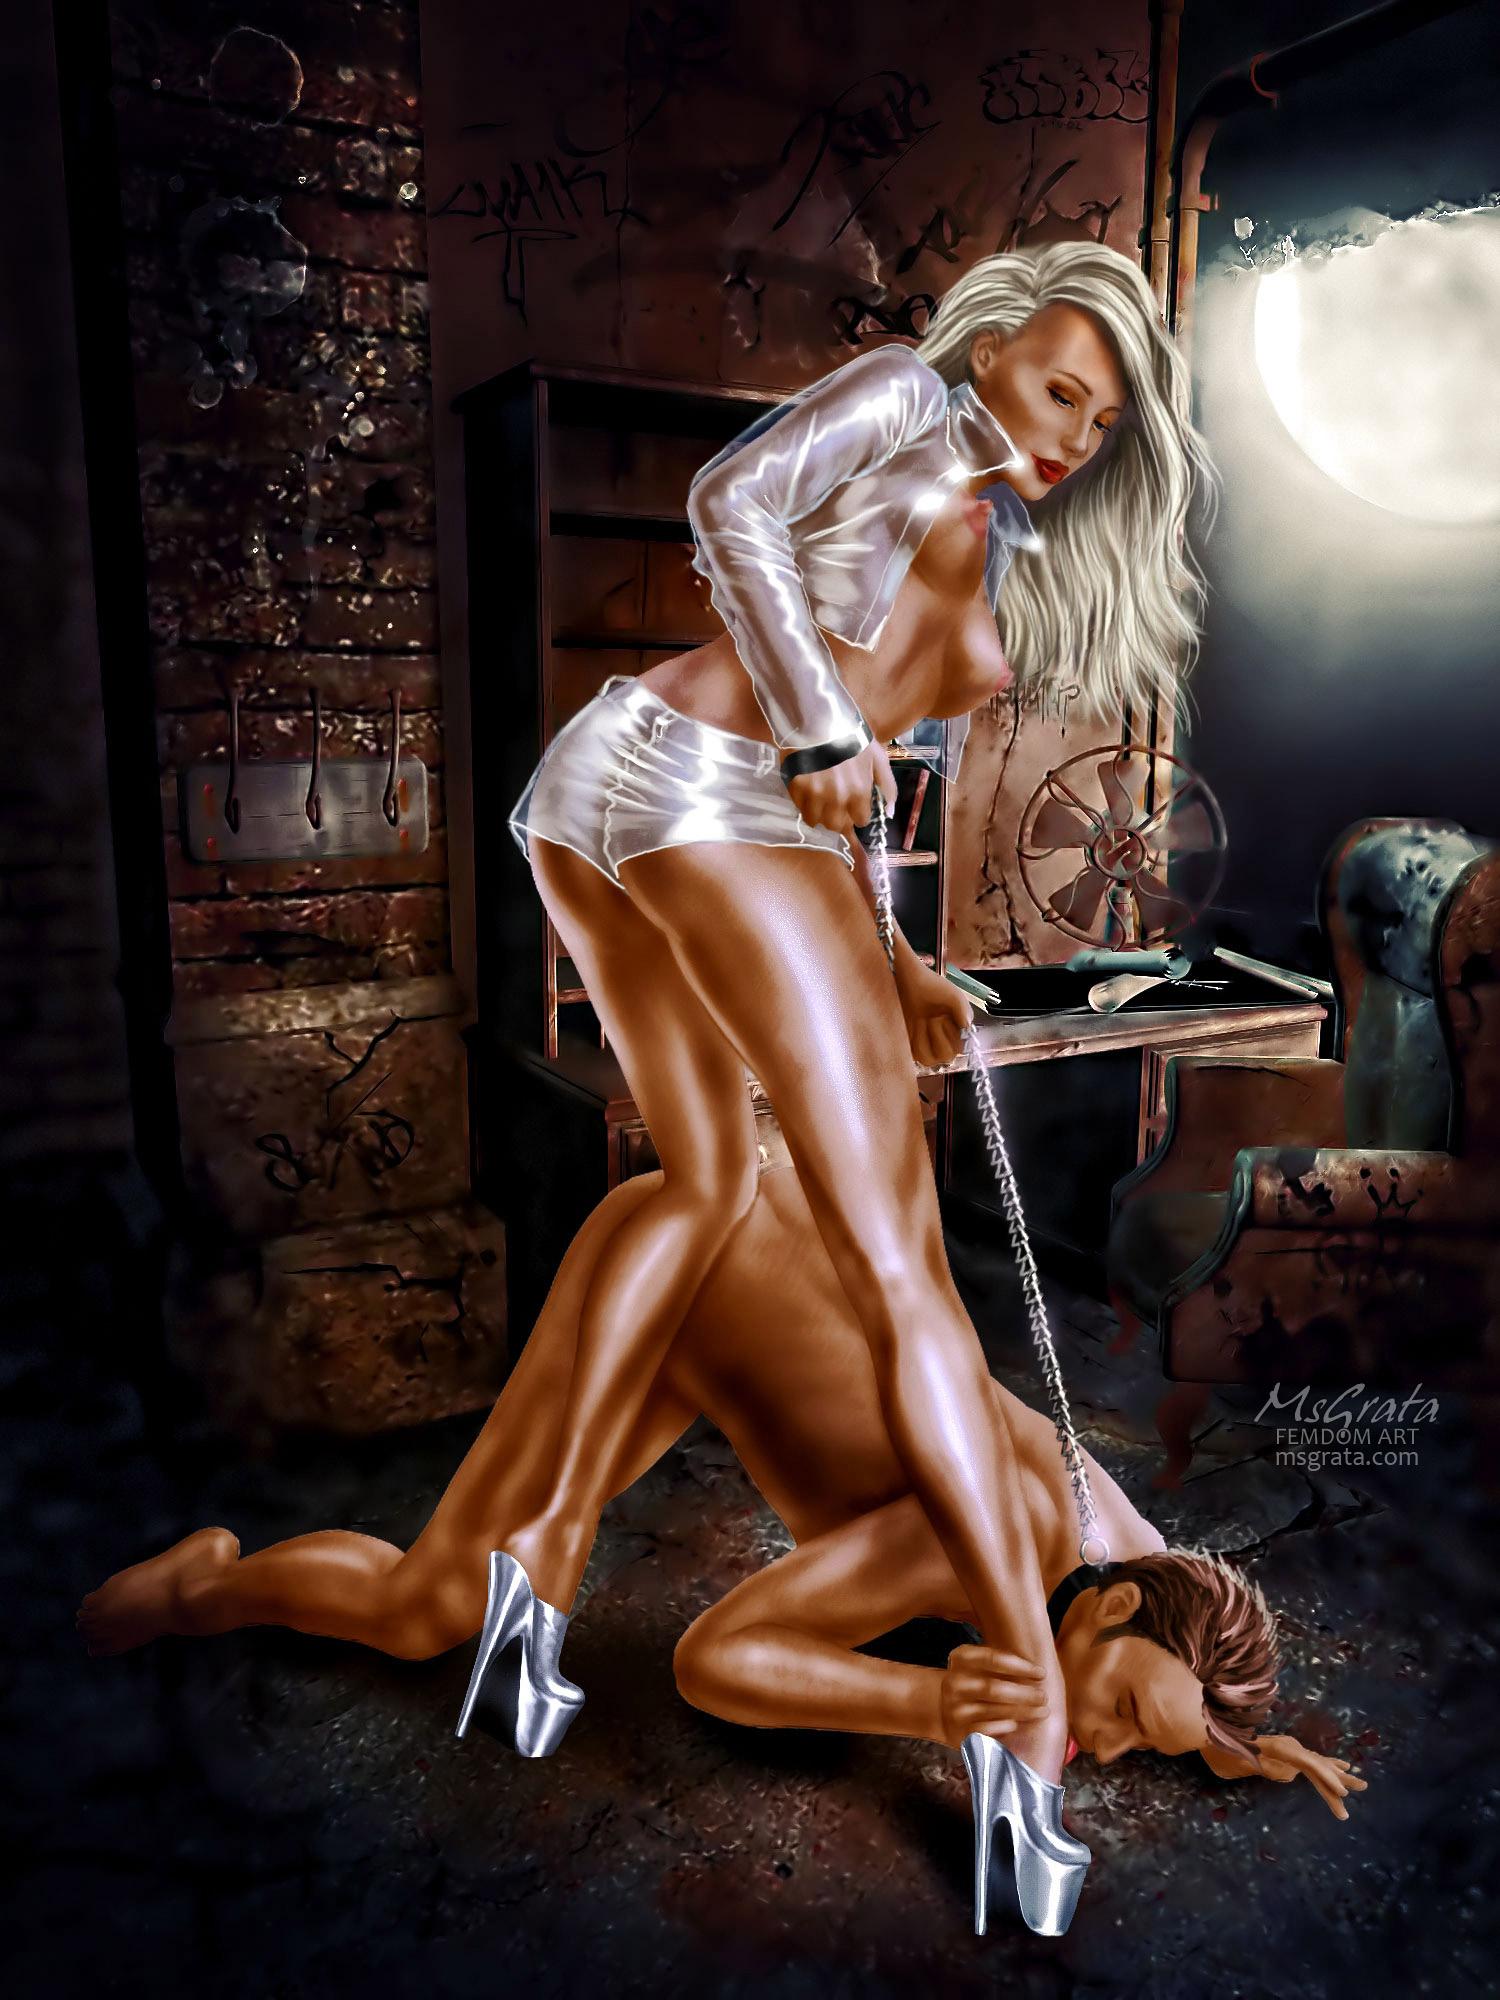 MsGrta drawn femdom art - Under Leggy Goddess Feet - under her feet high heels worship fem dom